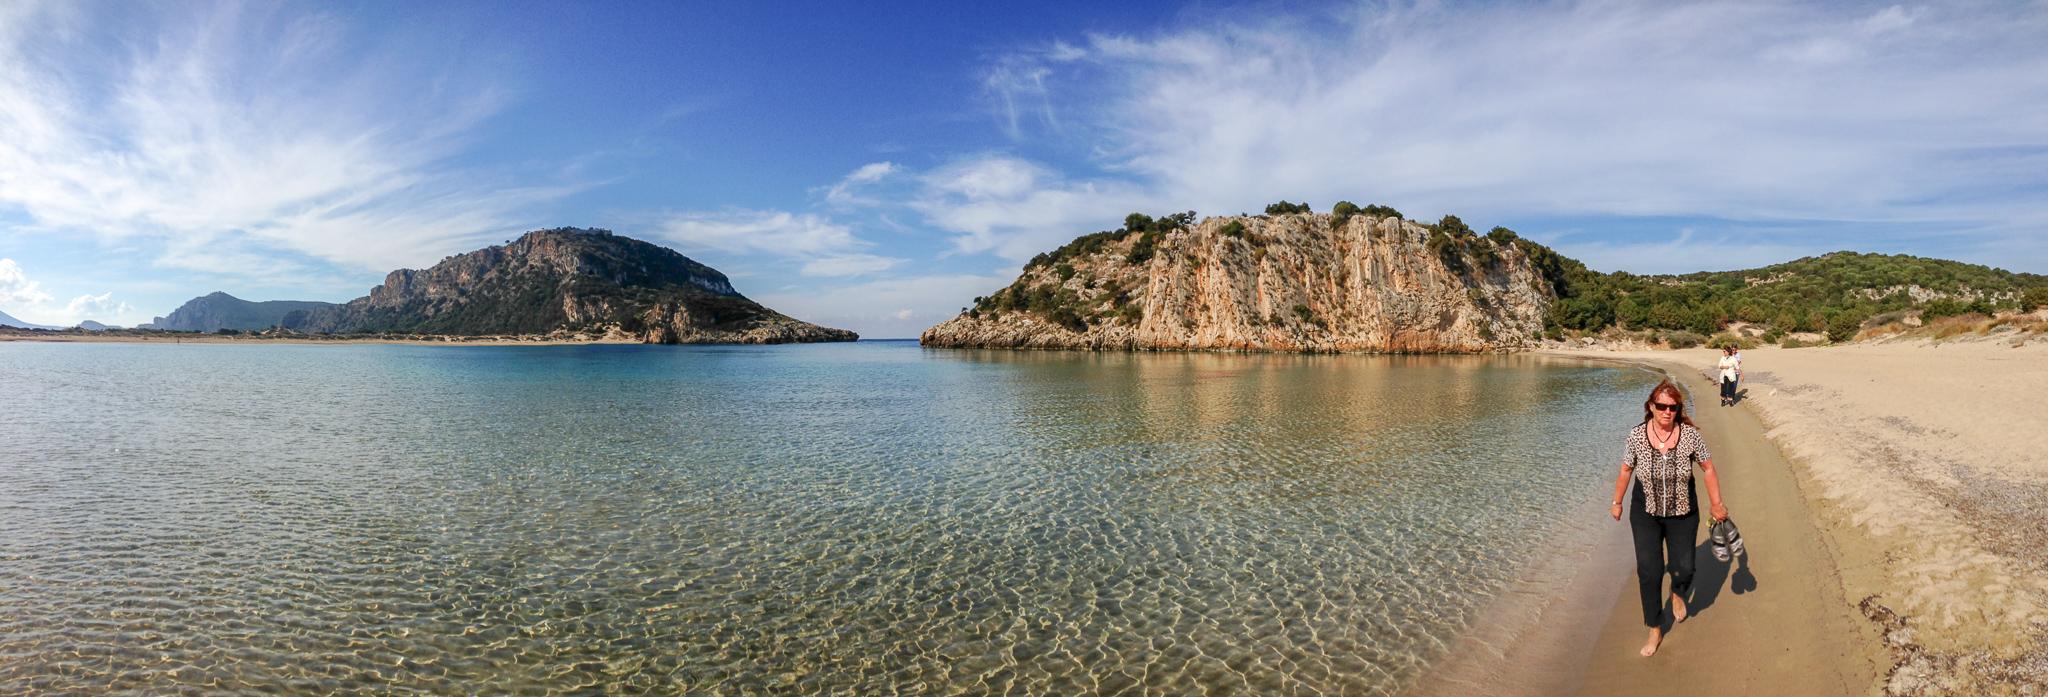 Die Bucht von Pylos, Peloponnes